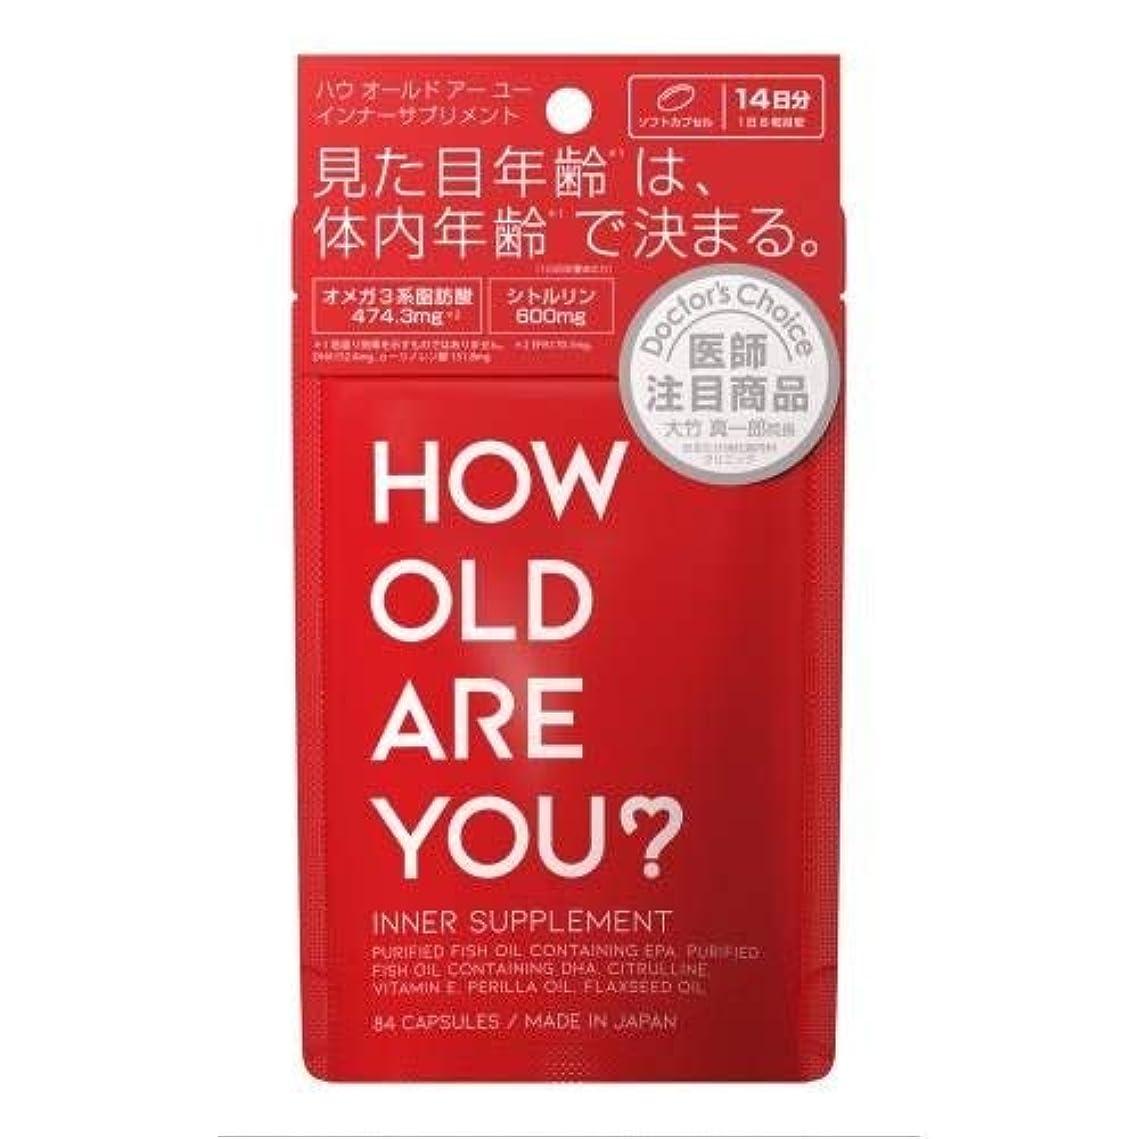 七時半生活コテージ【2個セット】HOW OLD ARE YOU?インナーサプリメント 84粒